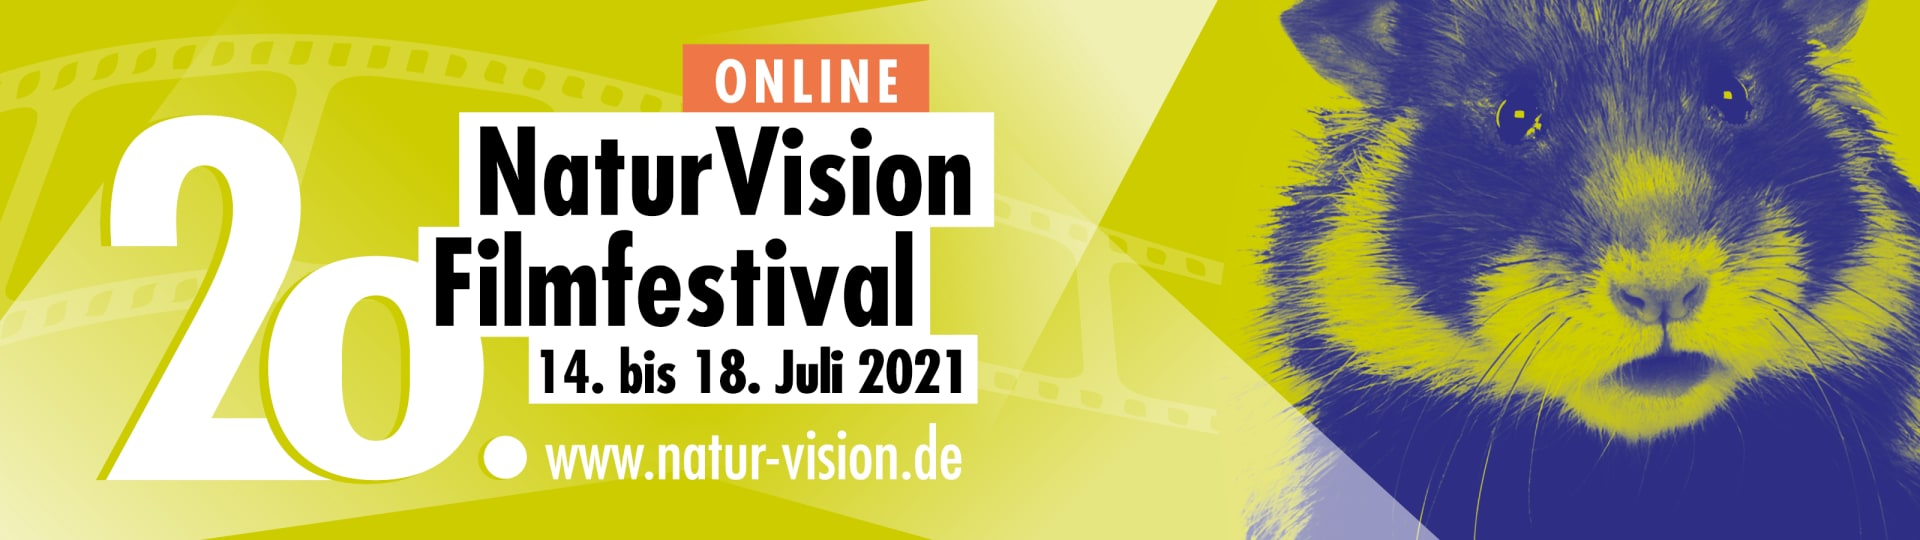 Das Naturvision Filmfestival findet vom 14. bis 18. Juli online auf www.natur-vision.de statt. Klicken Sie hier für weitere Informationen.